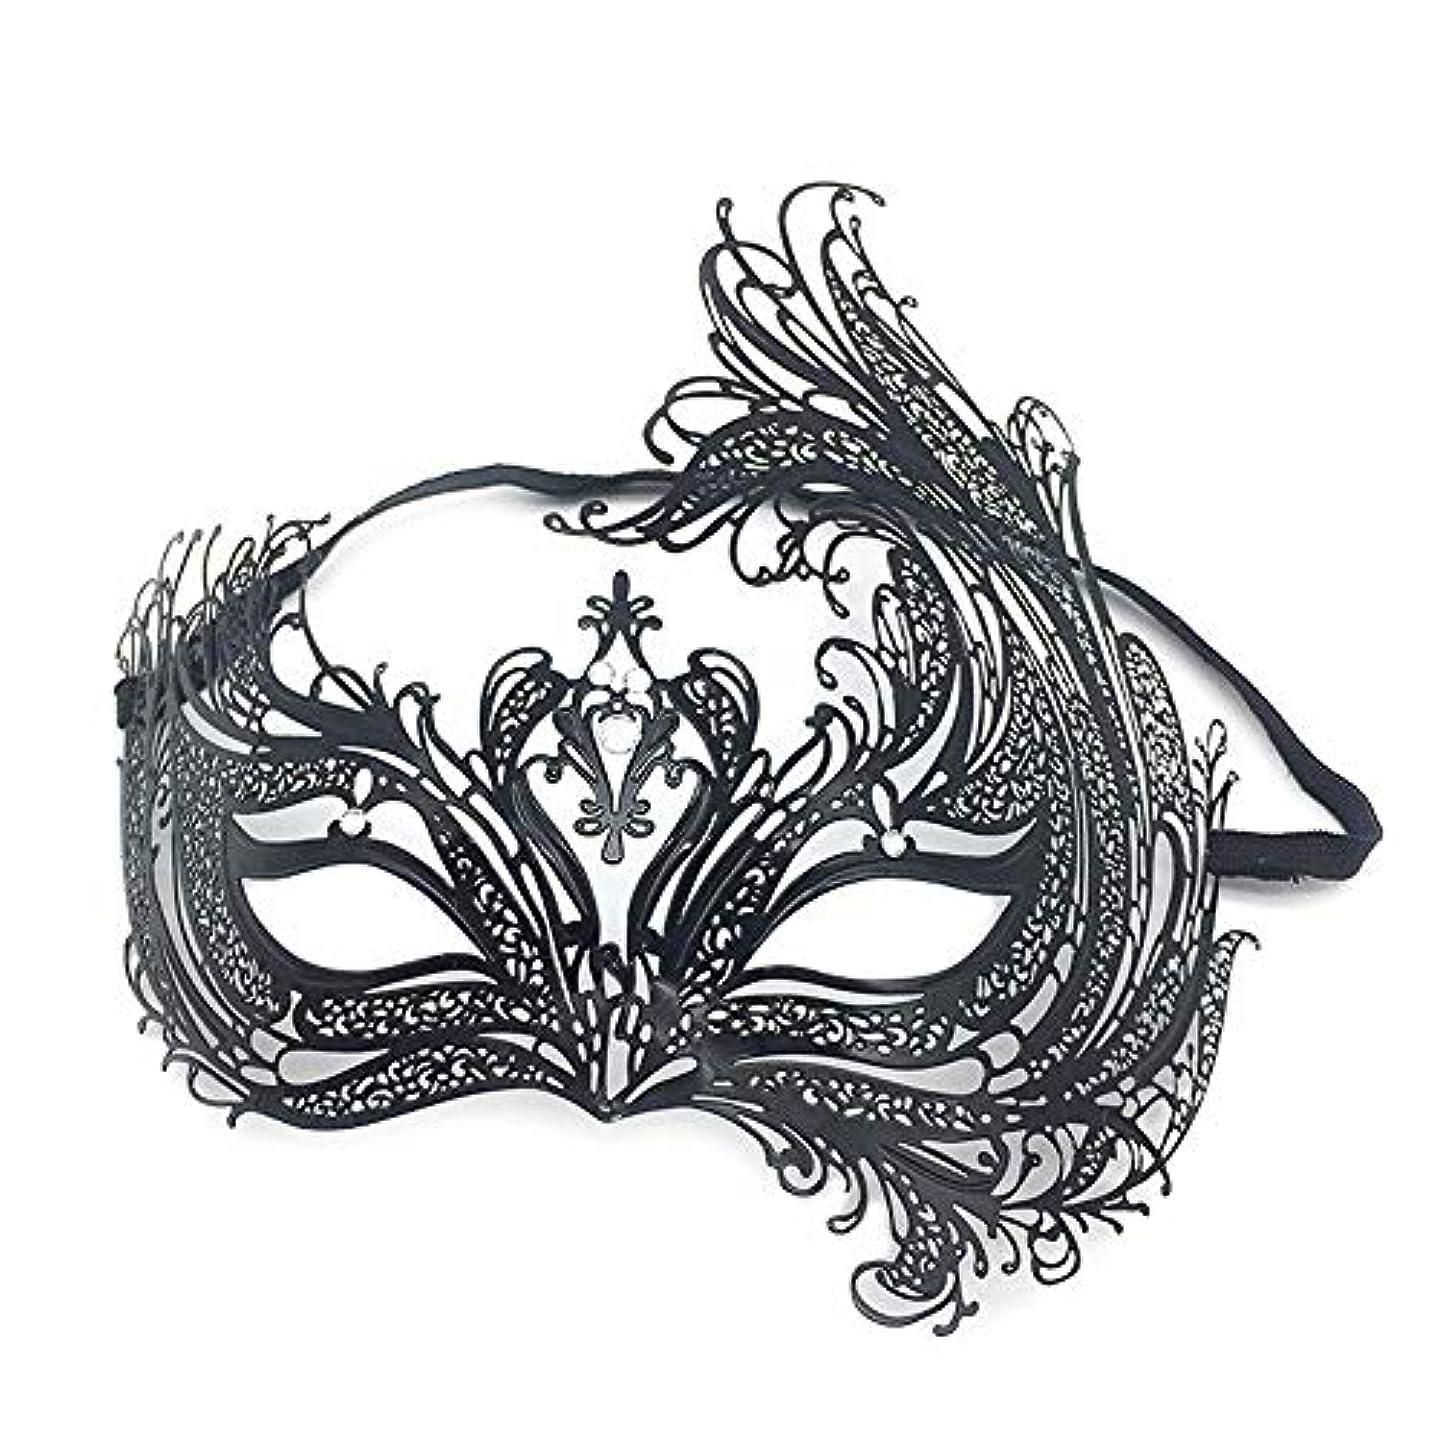 許さない読みやすさマウントバンクダンスマスク 仮面舞踏会パーティーブラックセクシーハーフフェイスフェニックスハロウィーンロールプレイングメタルマスクガール ホリデーパーティー用品 (色 : ブラック, サイズ : 20x19cm)